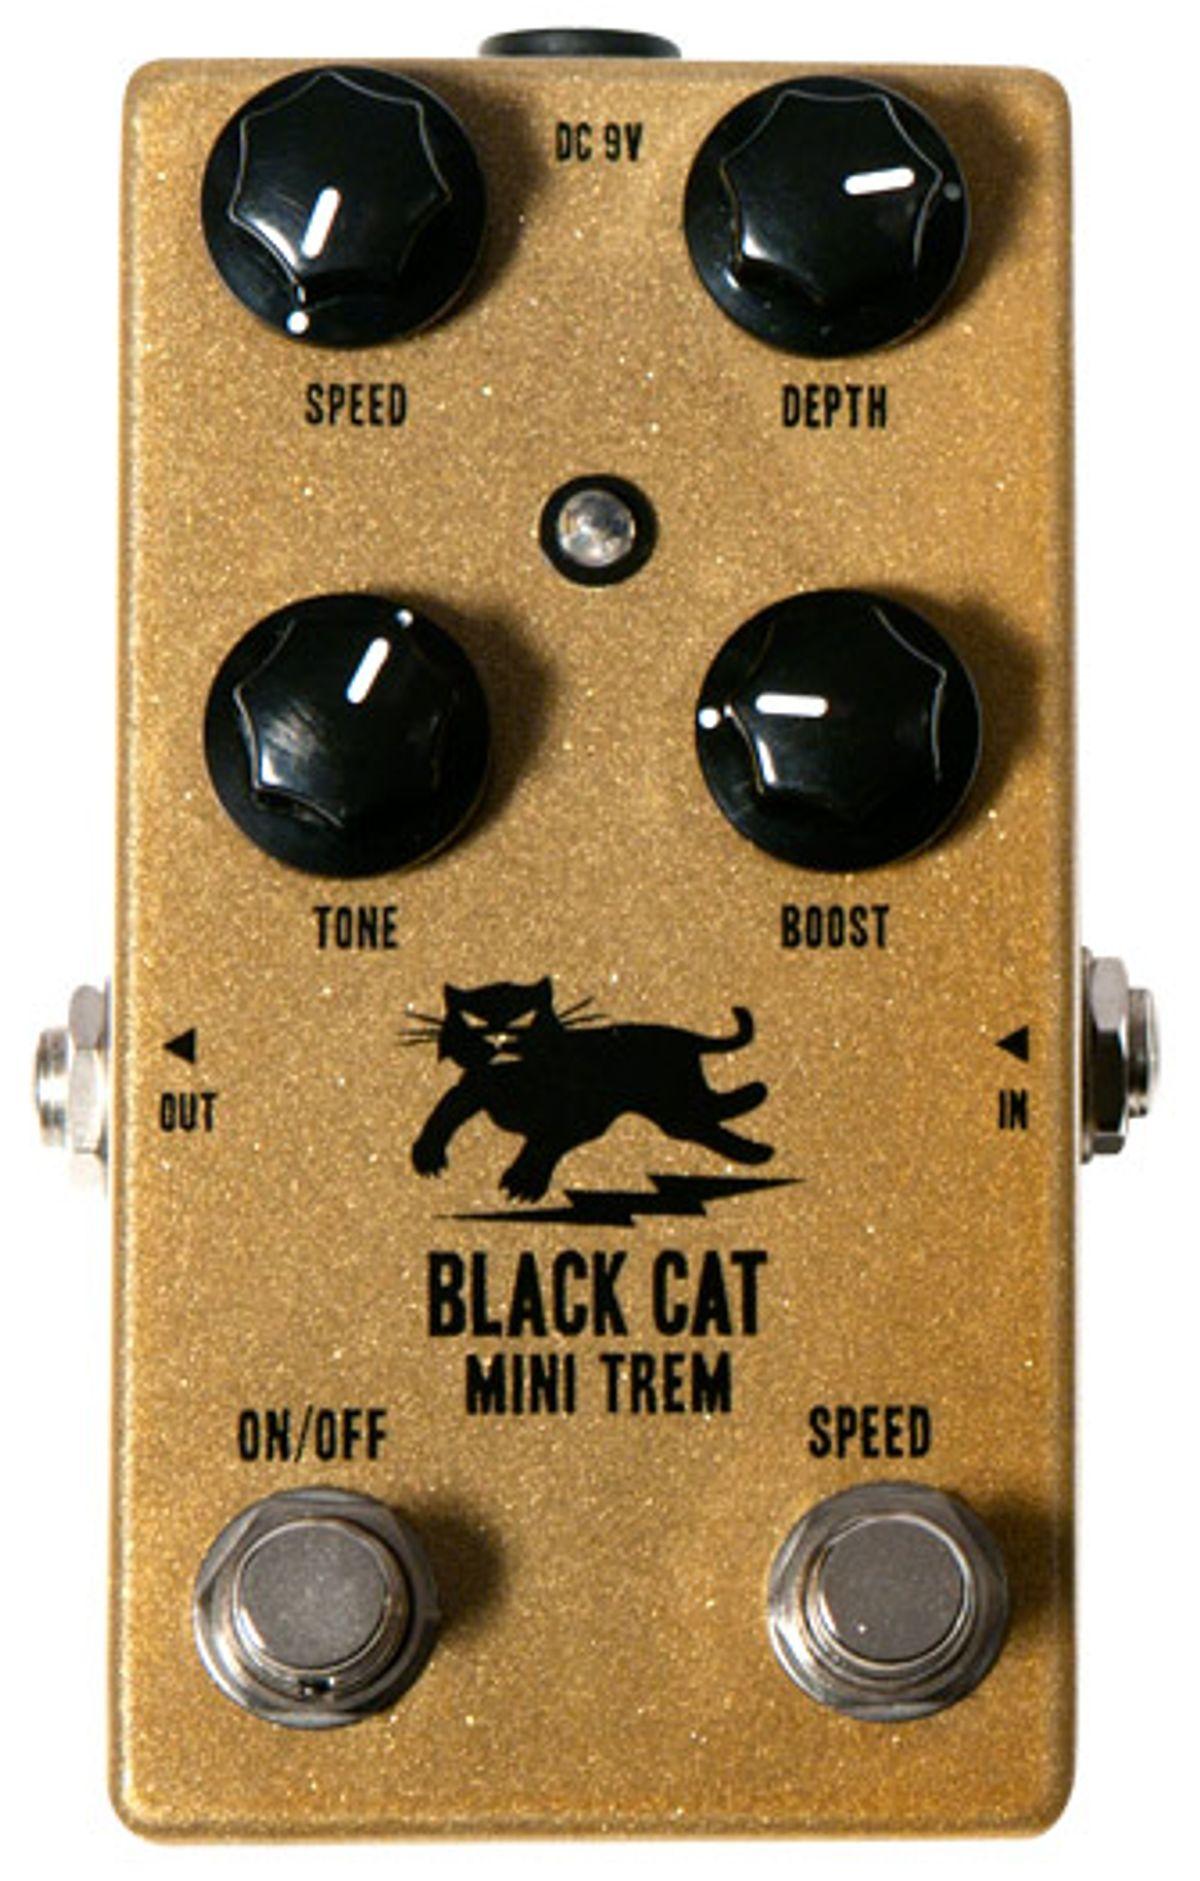 Black Cat Mini Trem Pedal Review